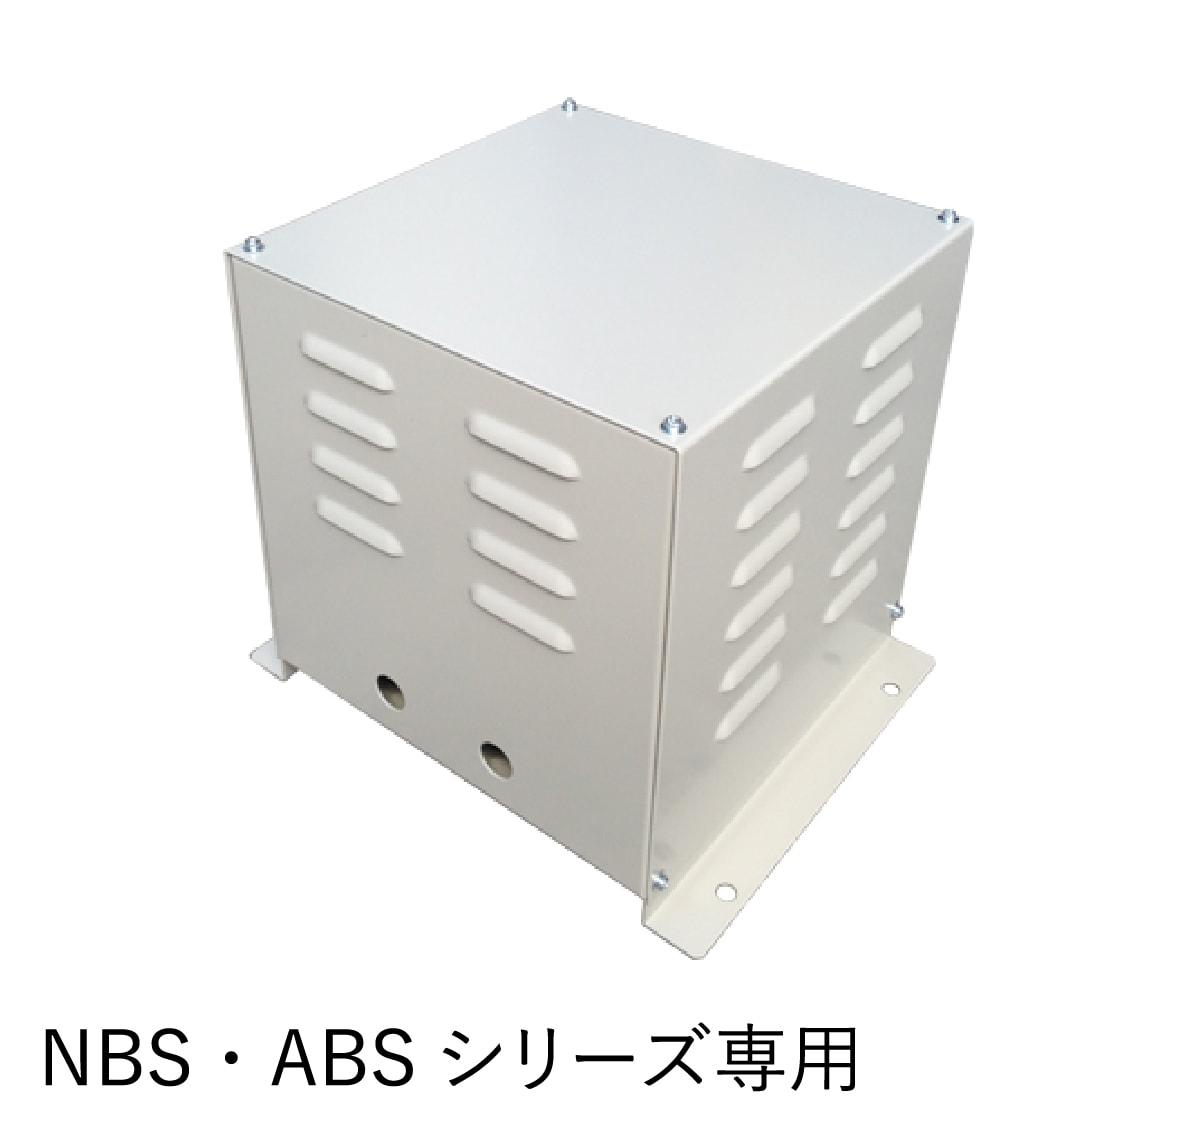 NBS・ABSシリーズ専用